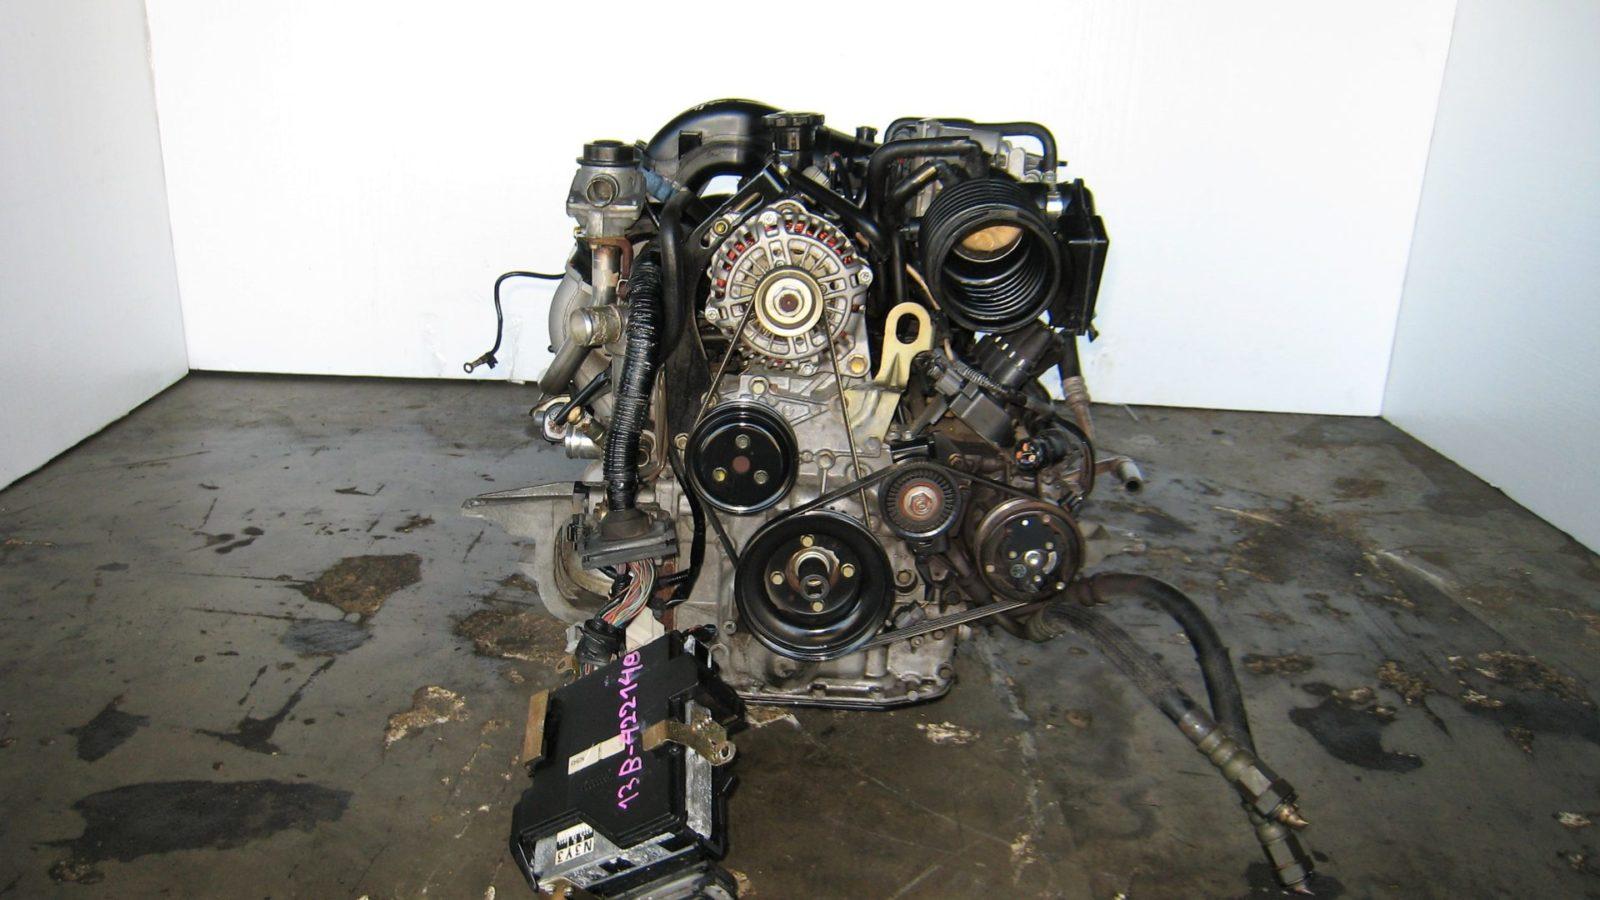 JDM 13B 1 3L 6 PORT ROTARY ENGINE 6 SPD TRANS ECU RENESIS 13B RX8